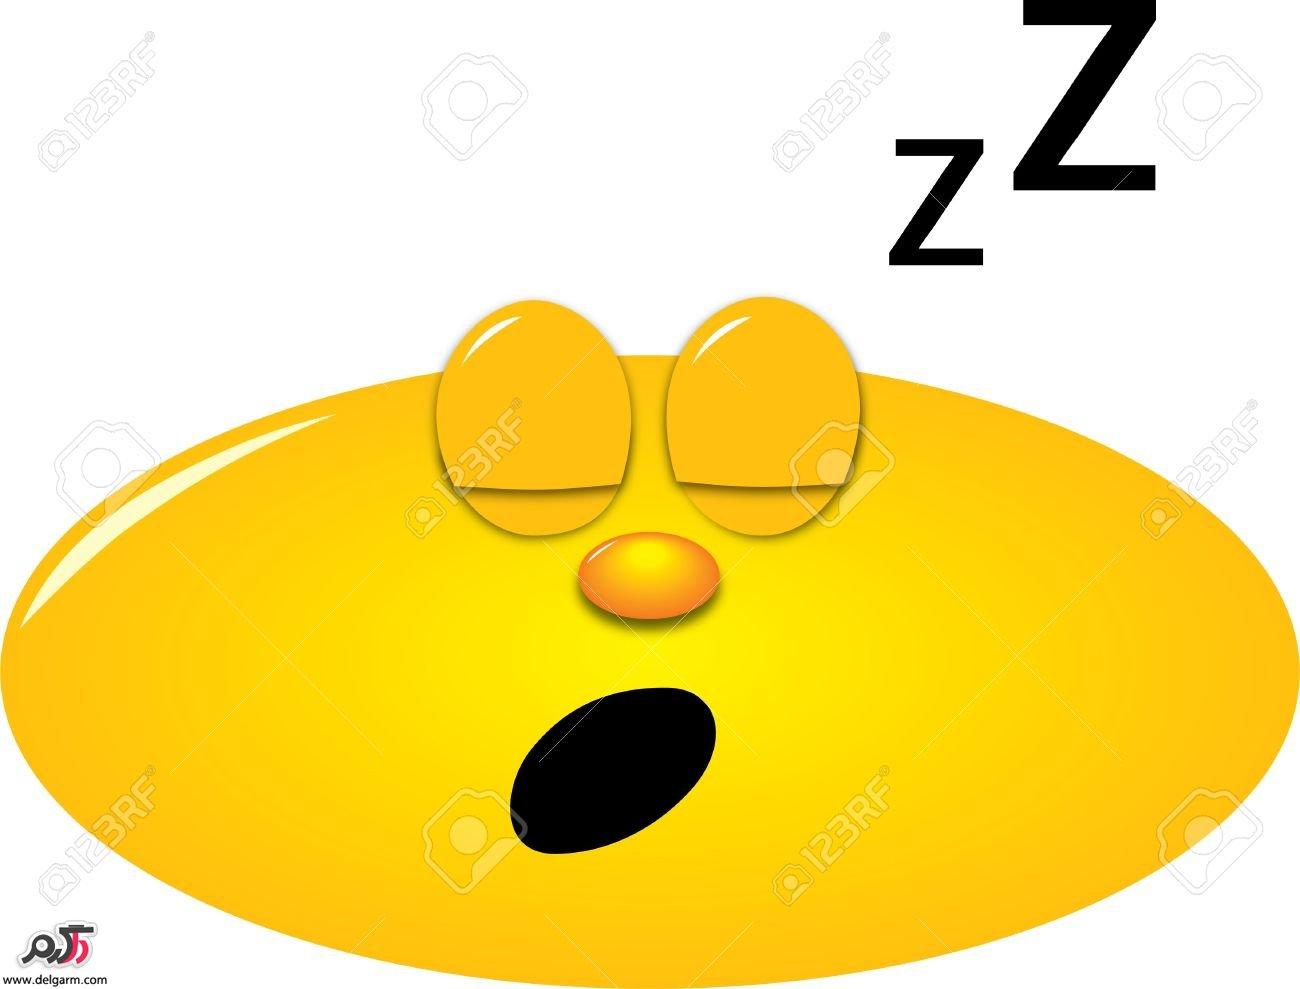 وقتی خوابیدن با دهان باز خطرناک می شود